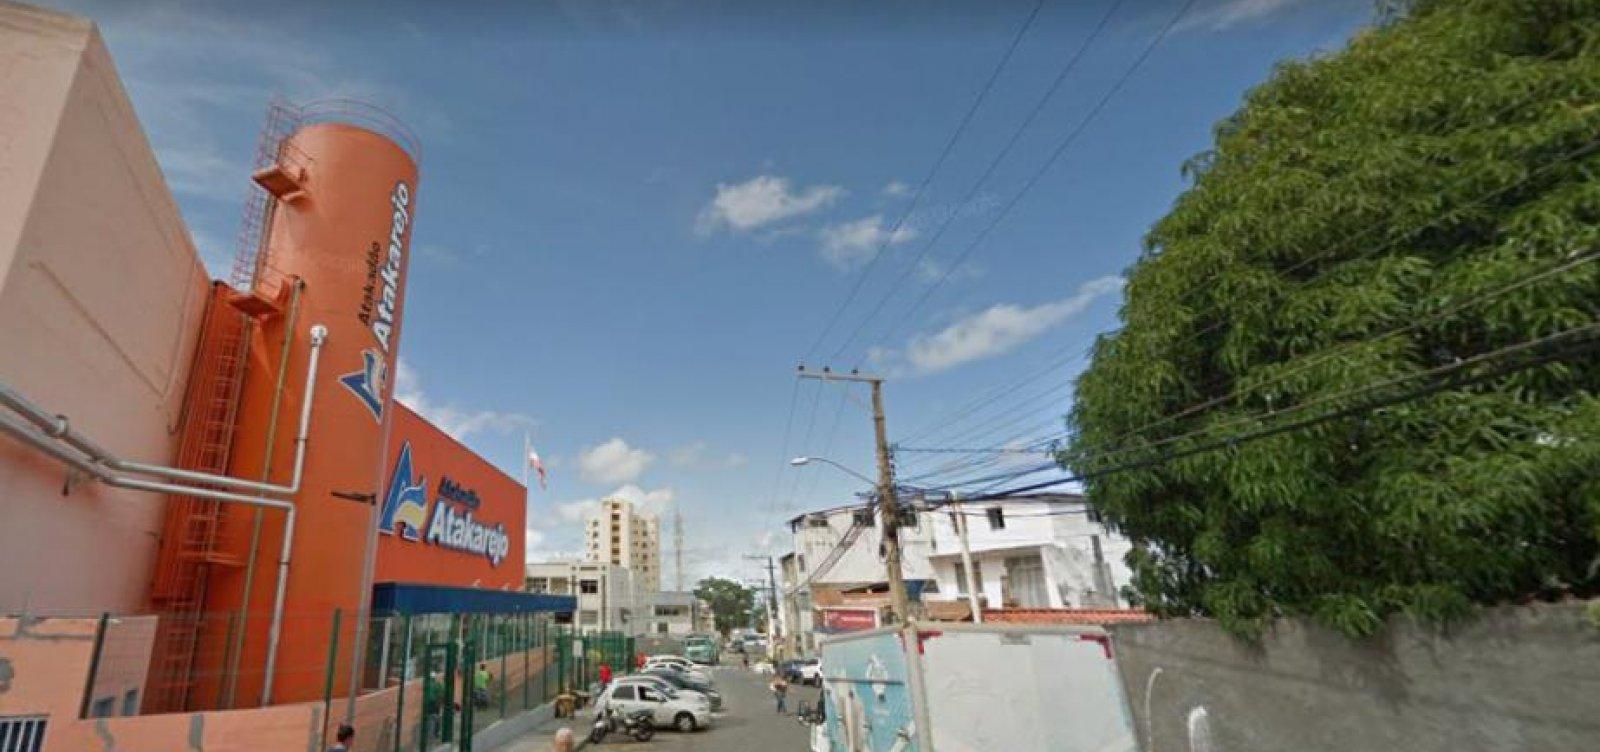 Polícia Civil avança nas investigações sobre assassinato de tio e sobrinho após furto em supermercado